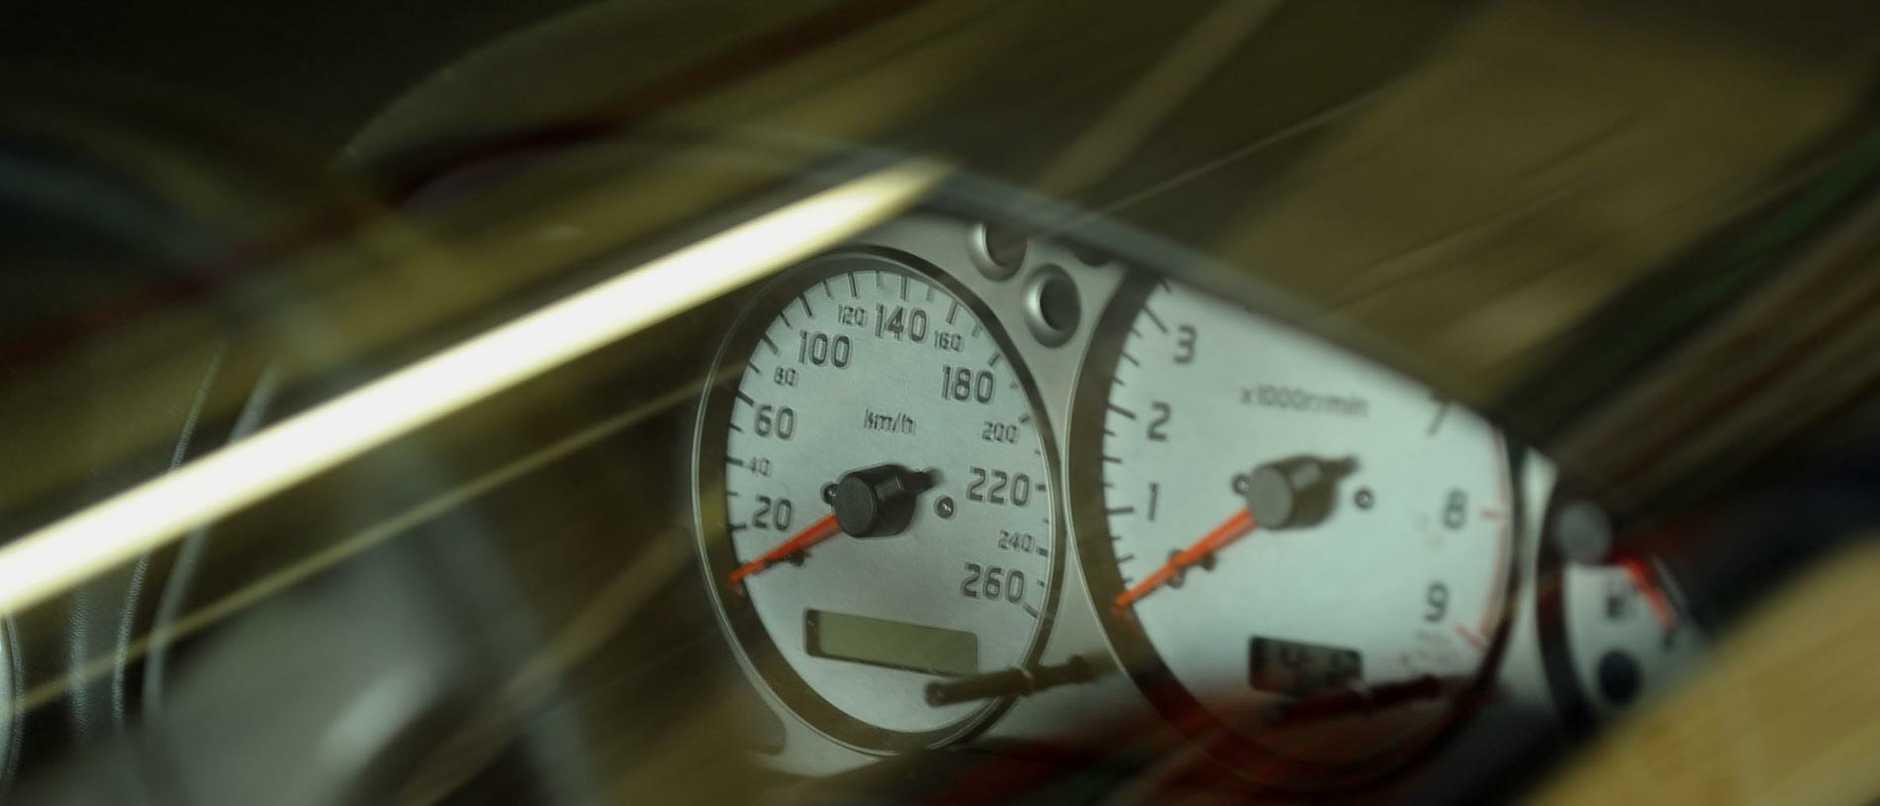 n43ht963 hoon speedo , generic shot of car speedometer for car hoon / speeding story